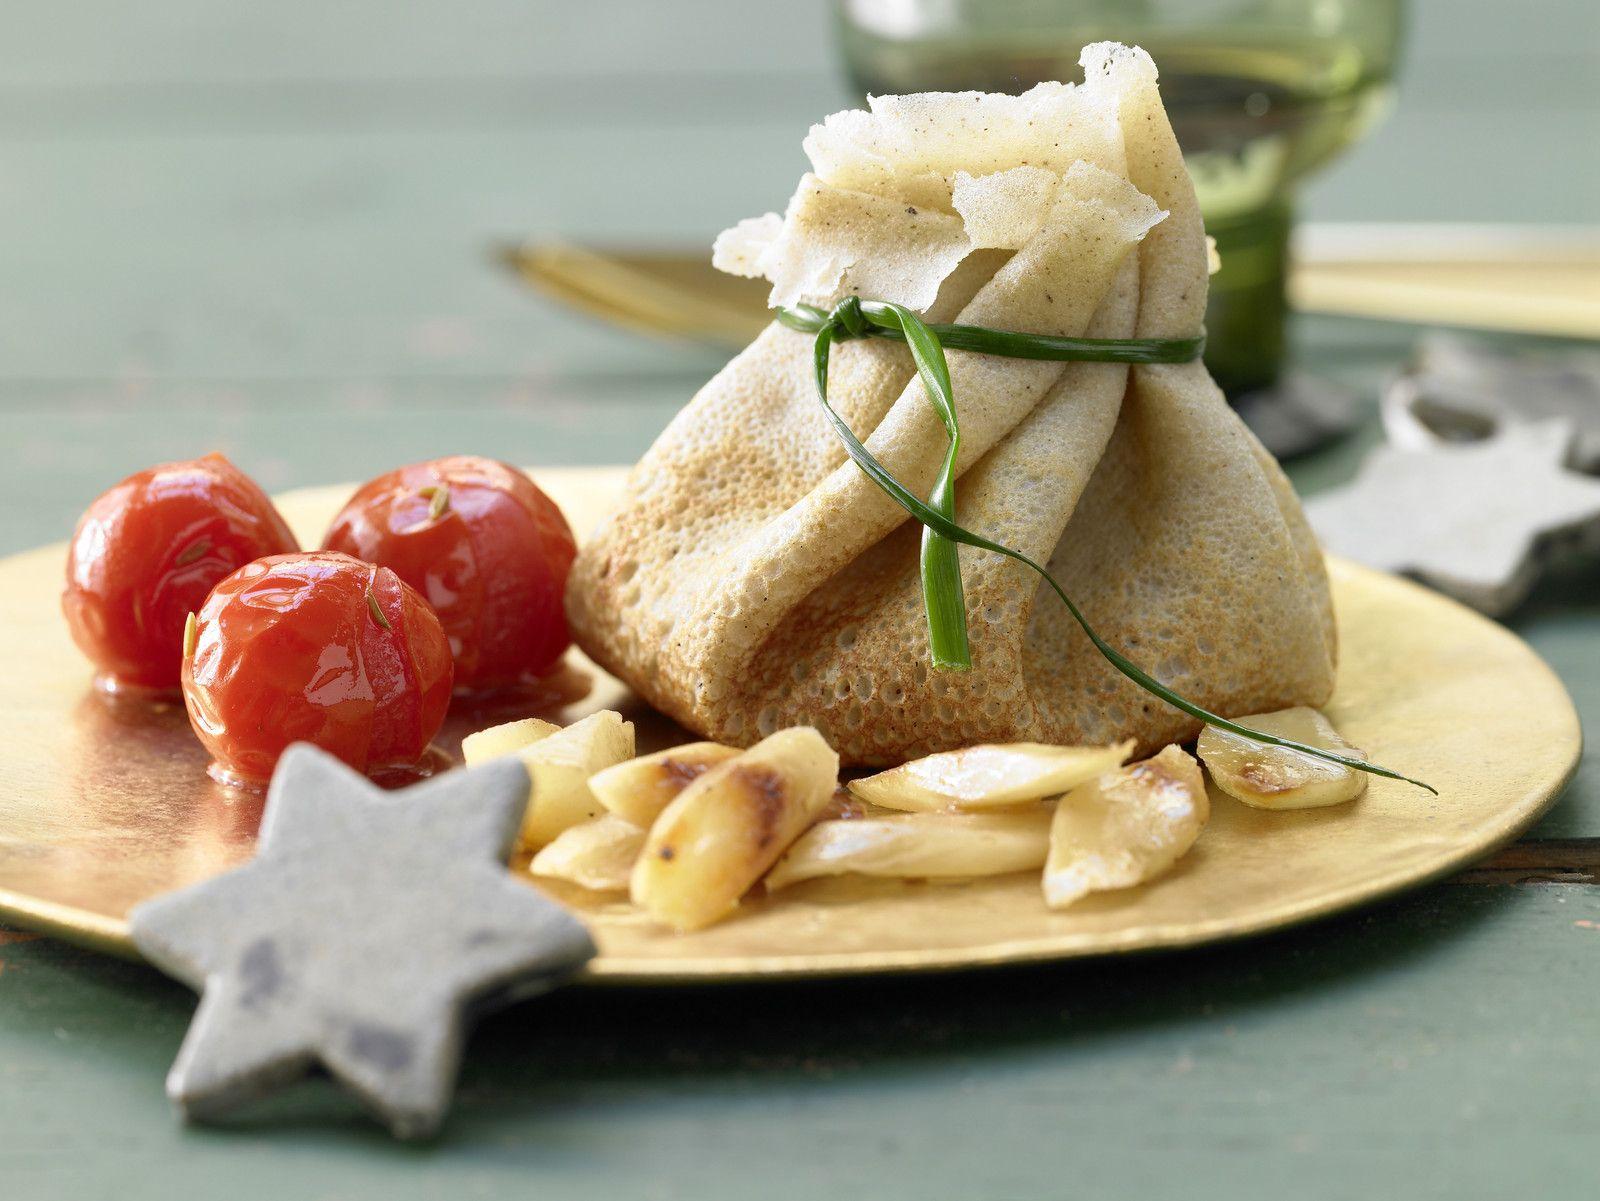 Weihnachtsmenü Vegetarisch.Crêpe Päckchen